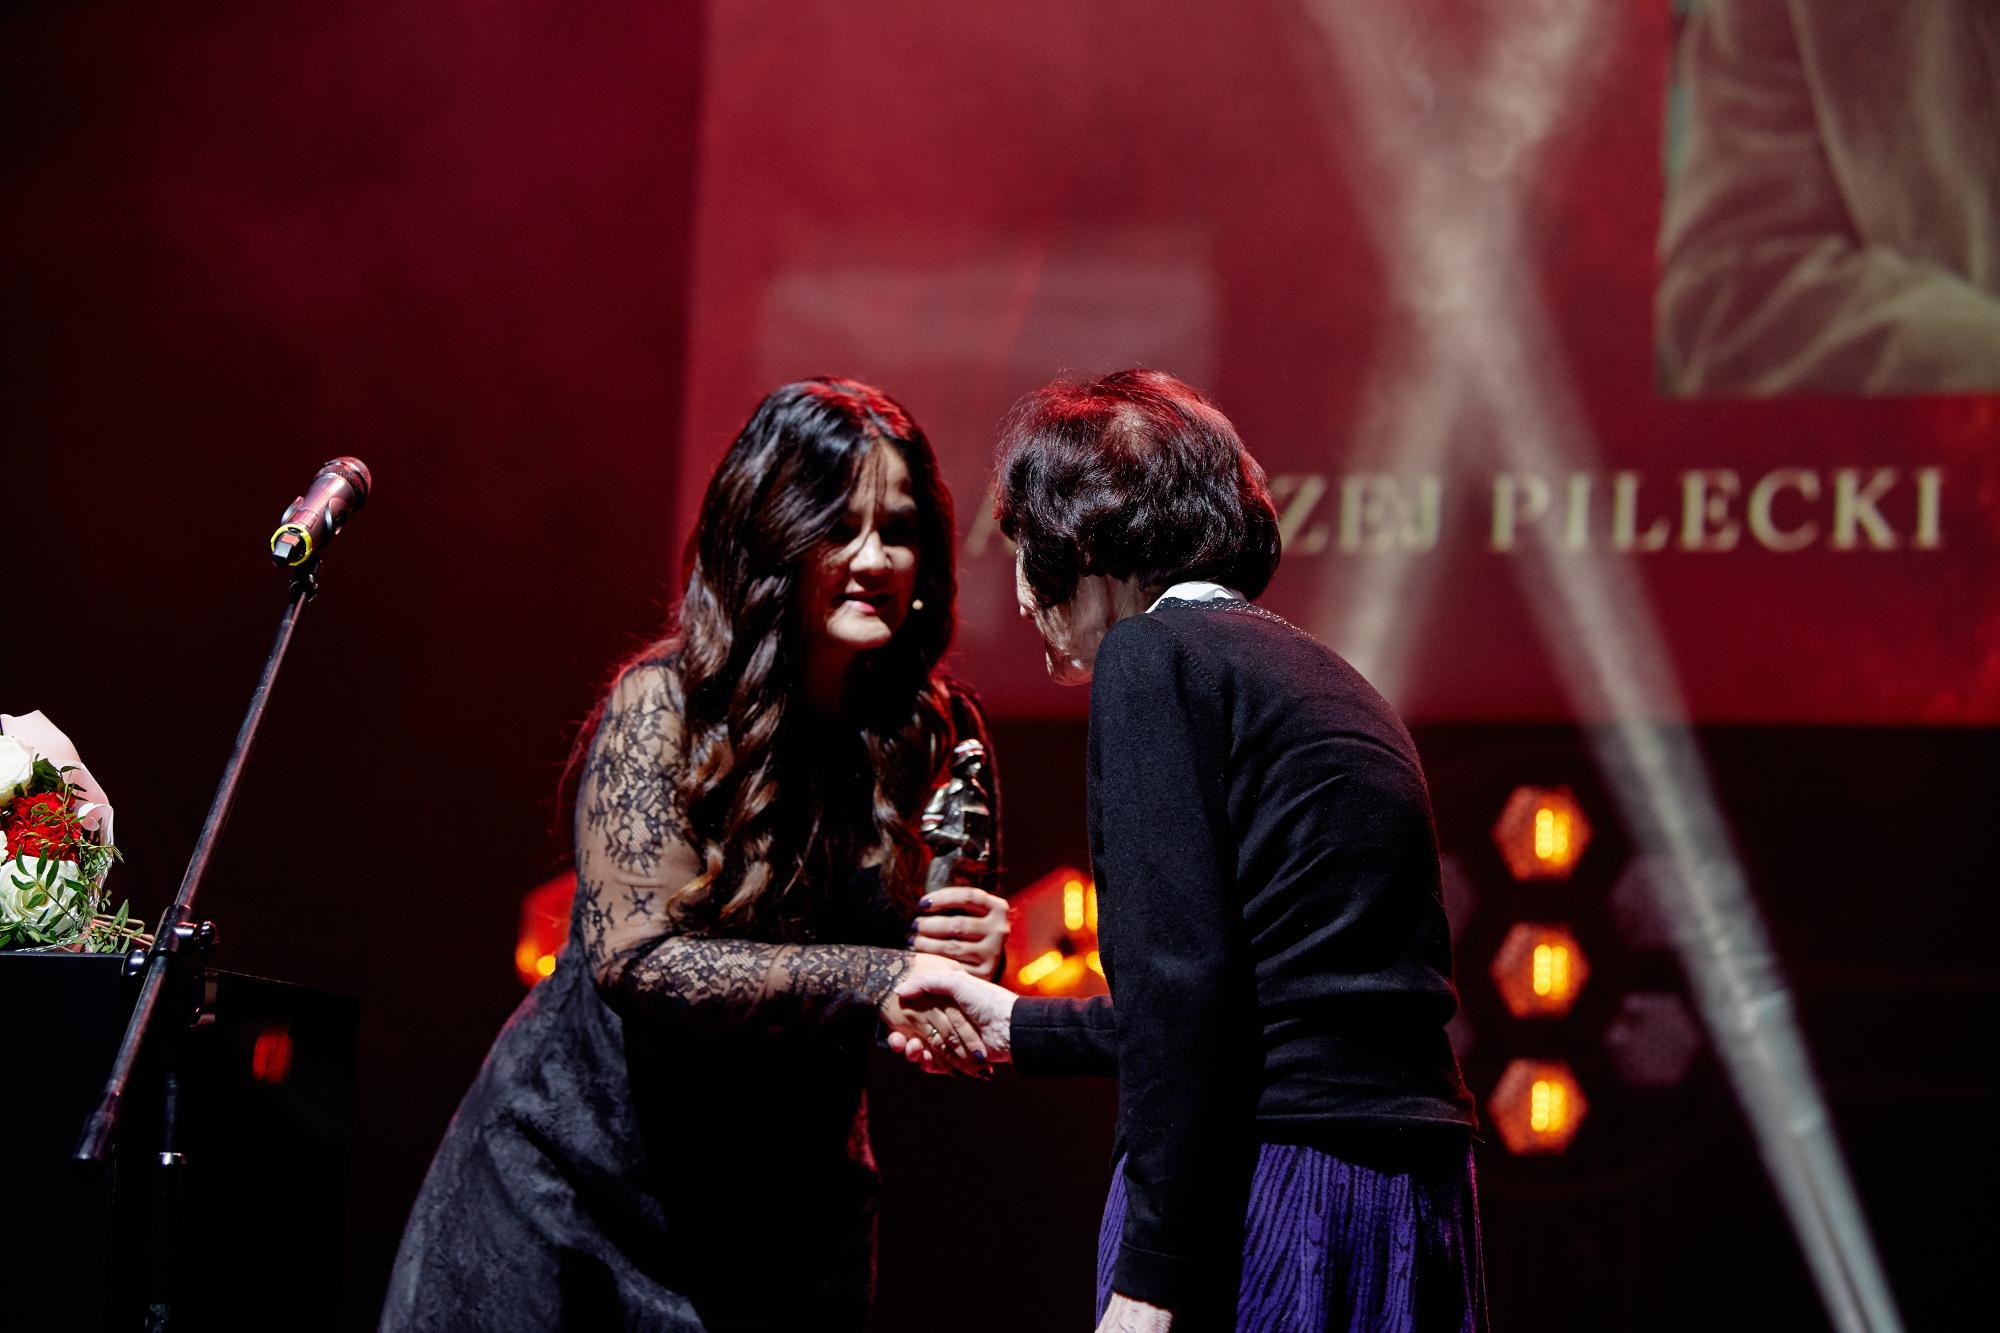 Nagroda_BohaterONy_2019_gala_fot_Michał_Moryl MNIEJSZE ZDJĘCIE (4)